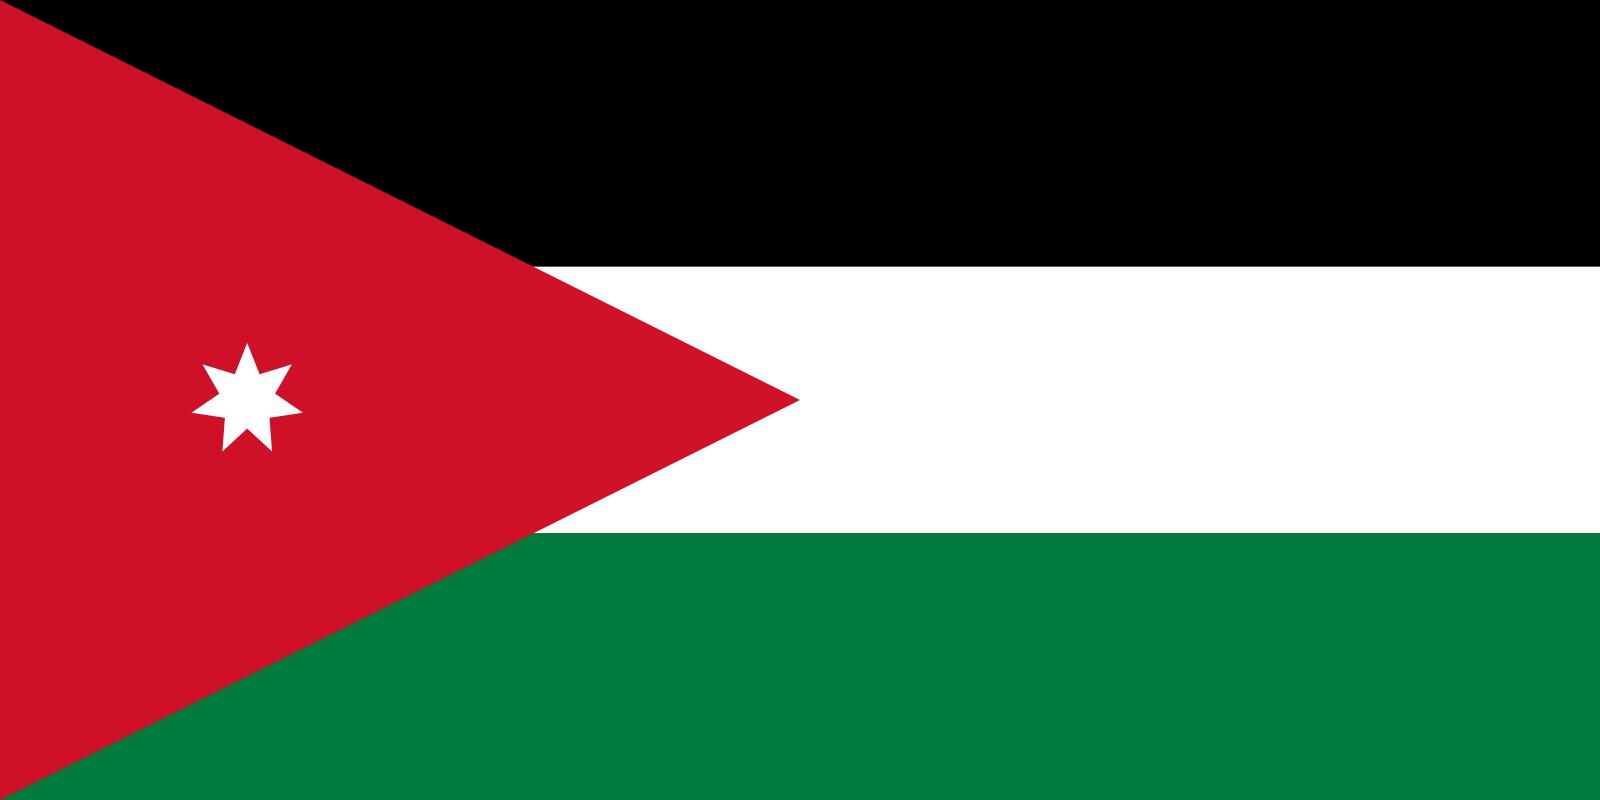 Téléchargez drapeau jordanie